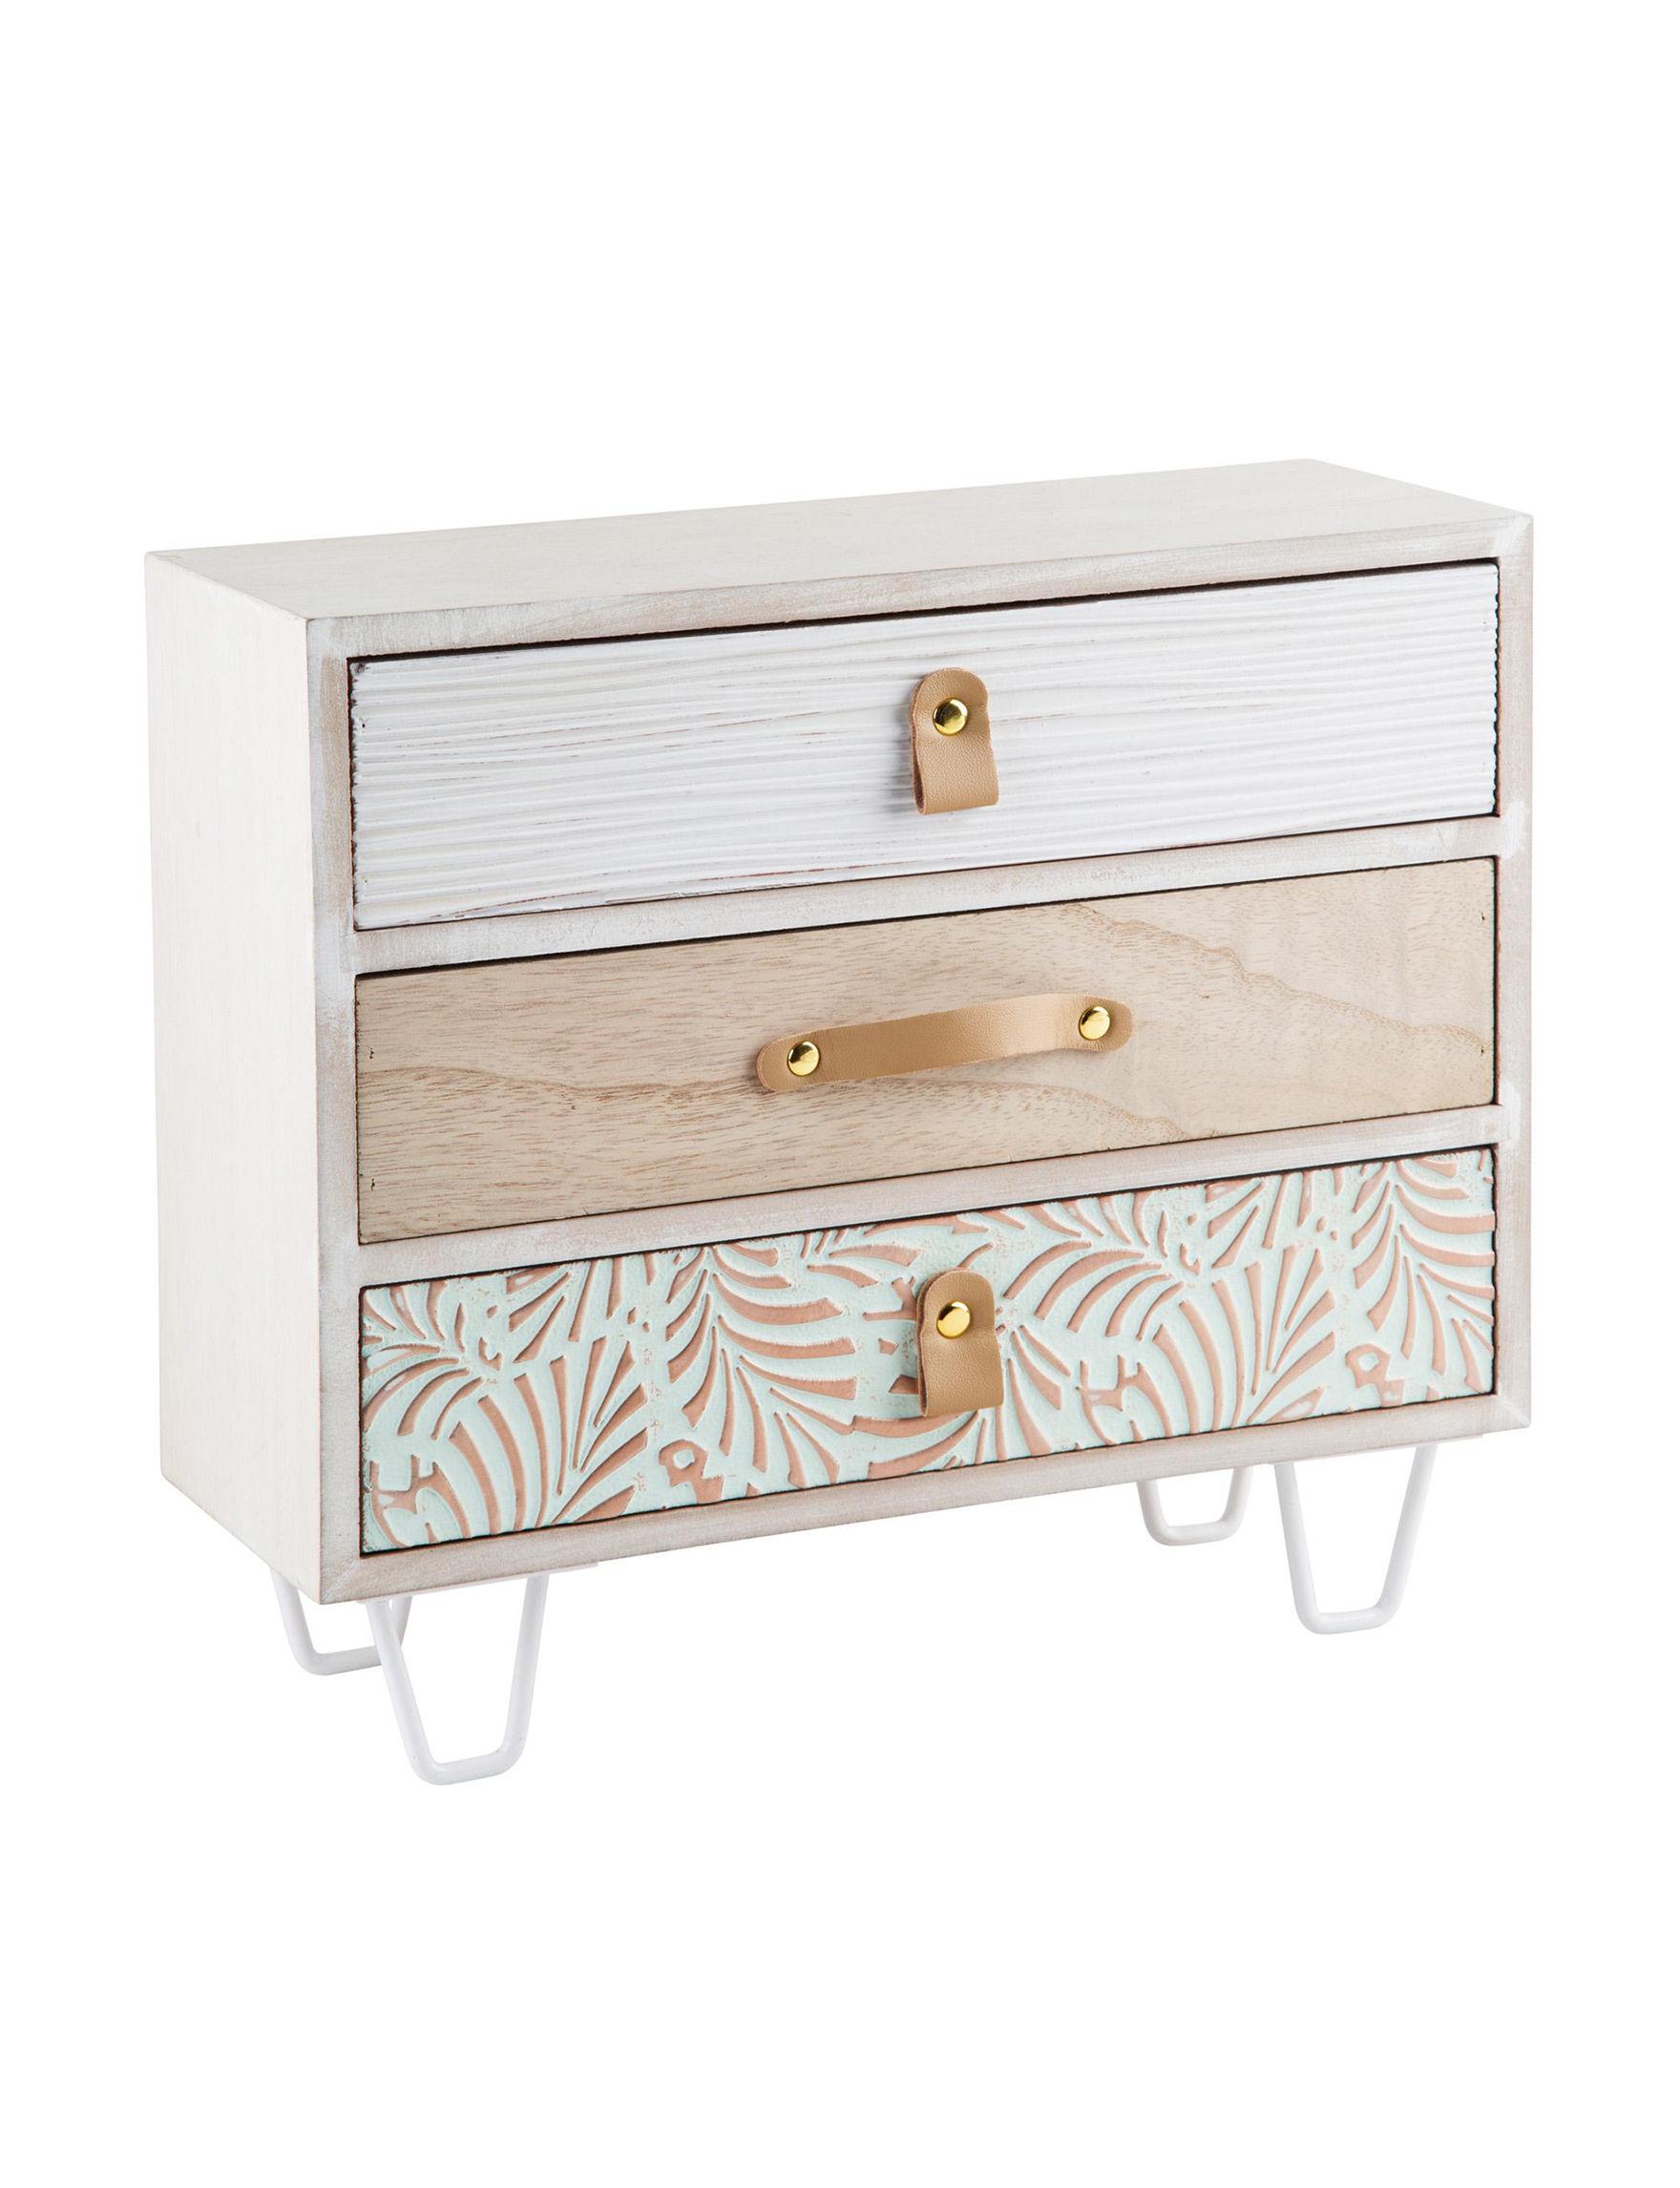 Home Essentials Beige Decorative Objects Storage & Organization